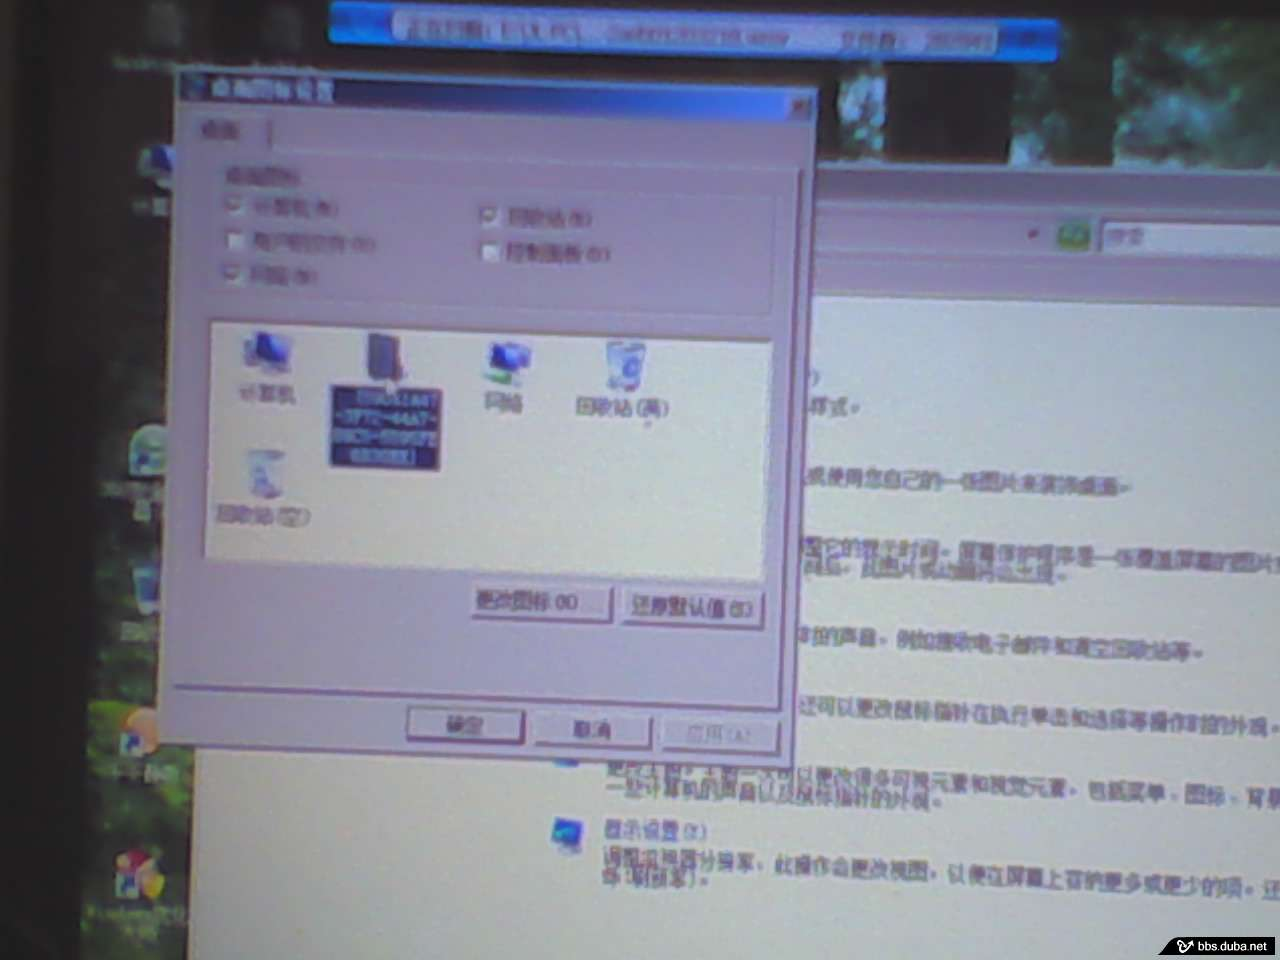 桌面和开始菜单文件都变成了ie图标,怎么办,我的是win7系统—— 图片